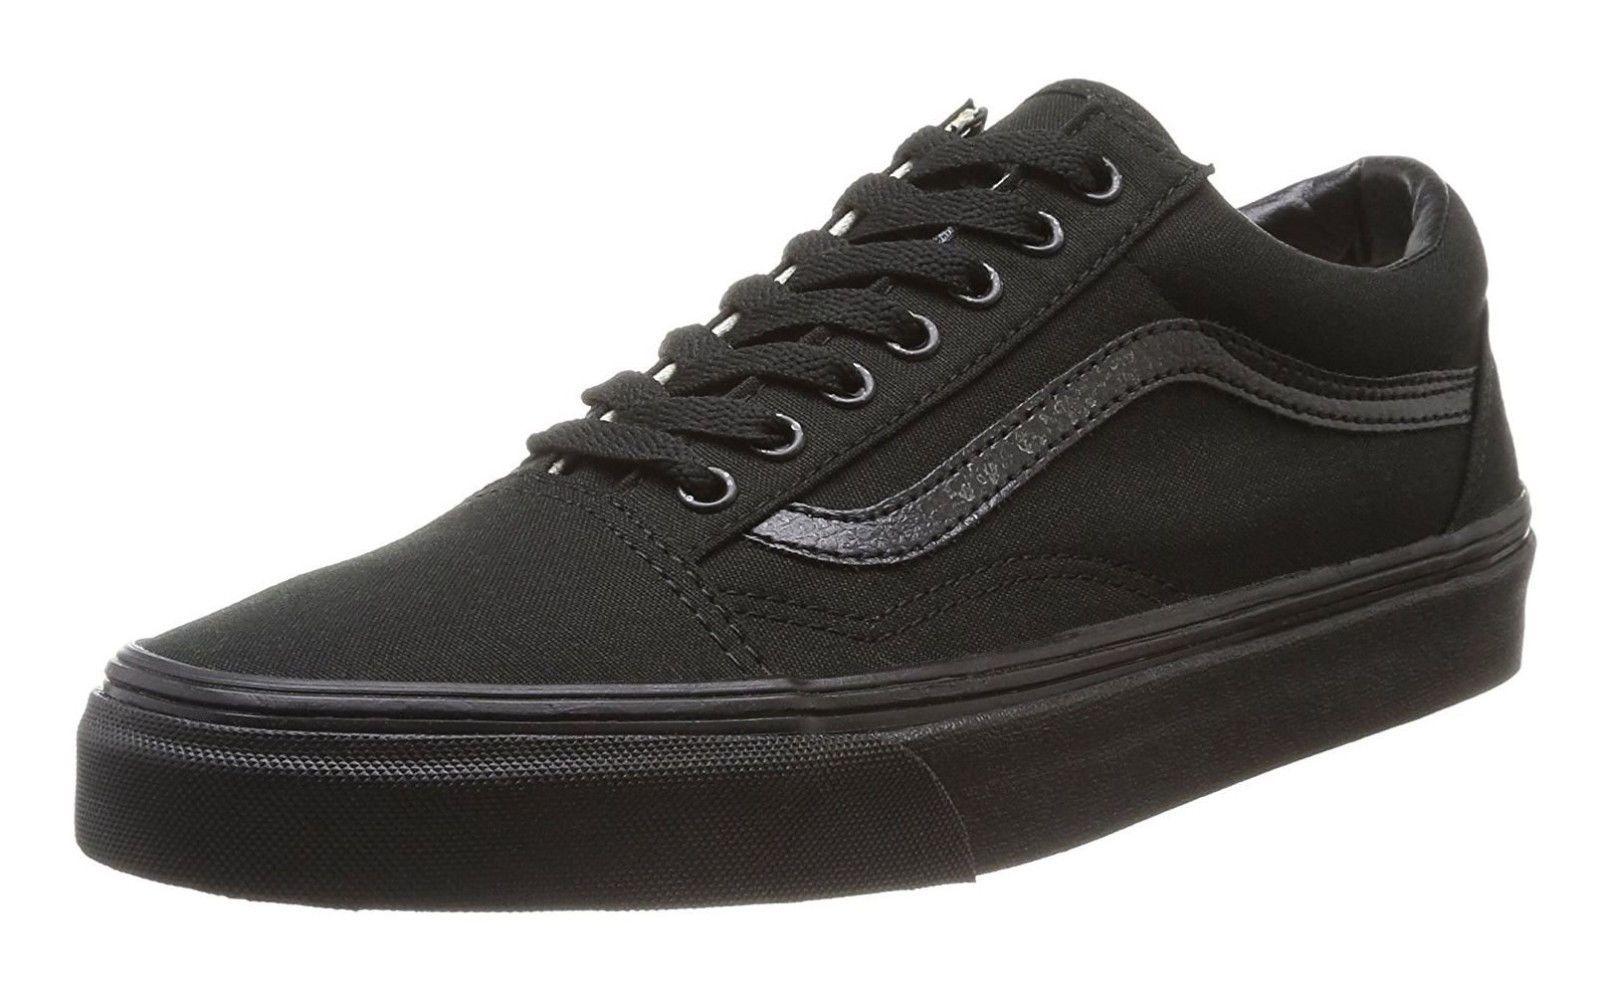 369d762ae72 Vans Old Skool Classic Black Black Womens Sneakers Tennis Shoes ...